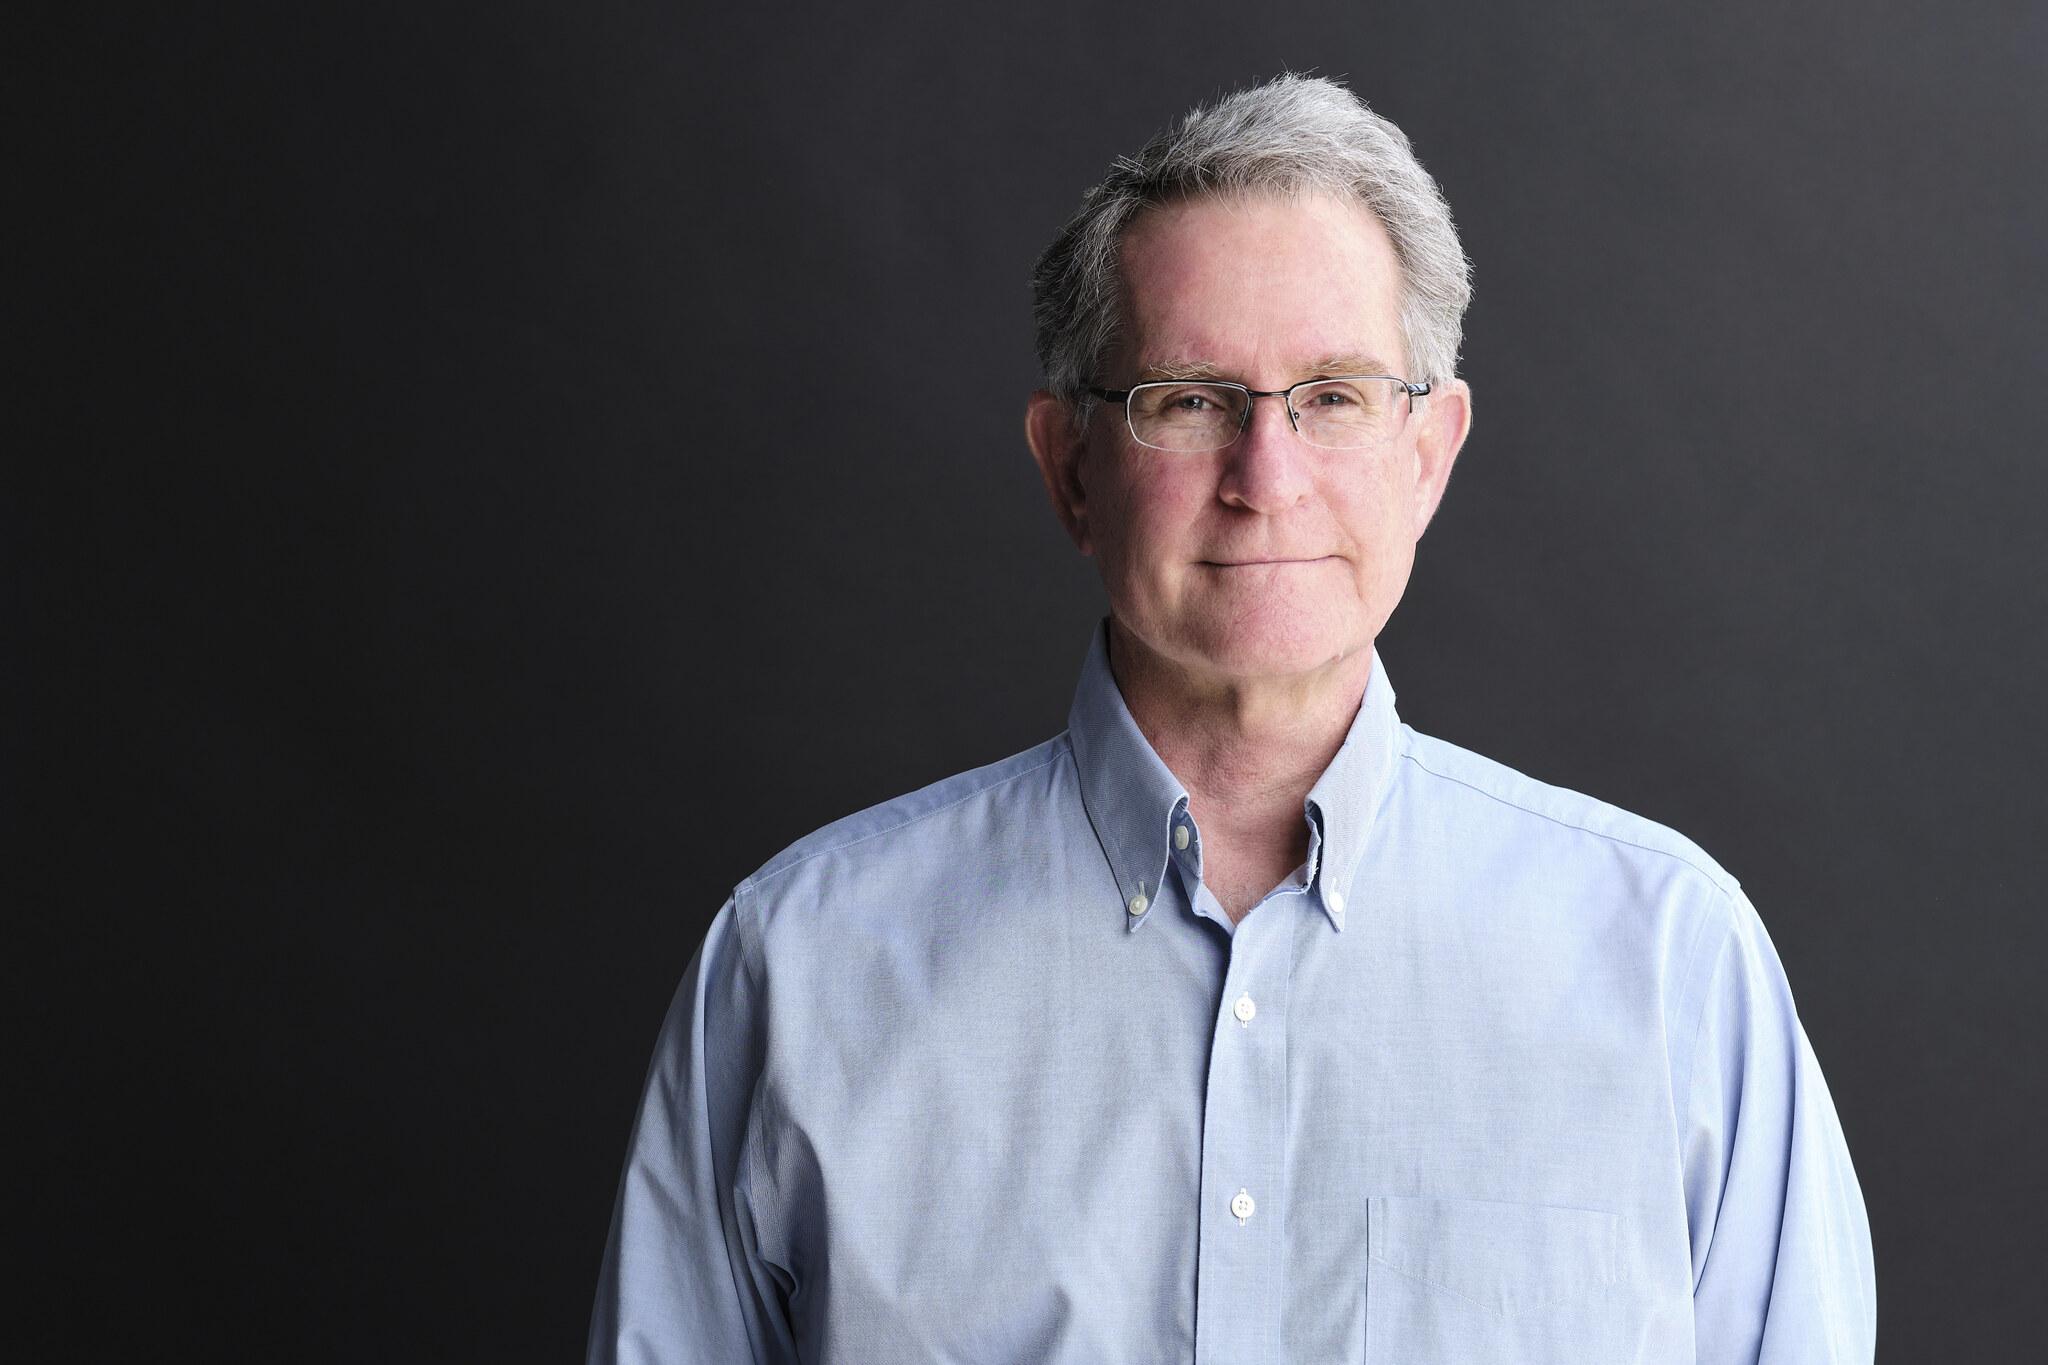 Owen McManus, PhD